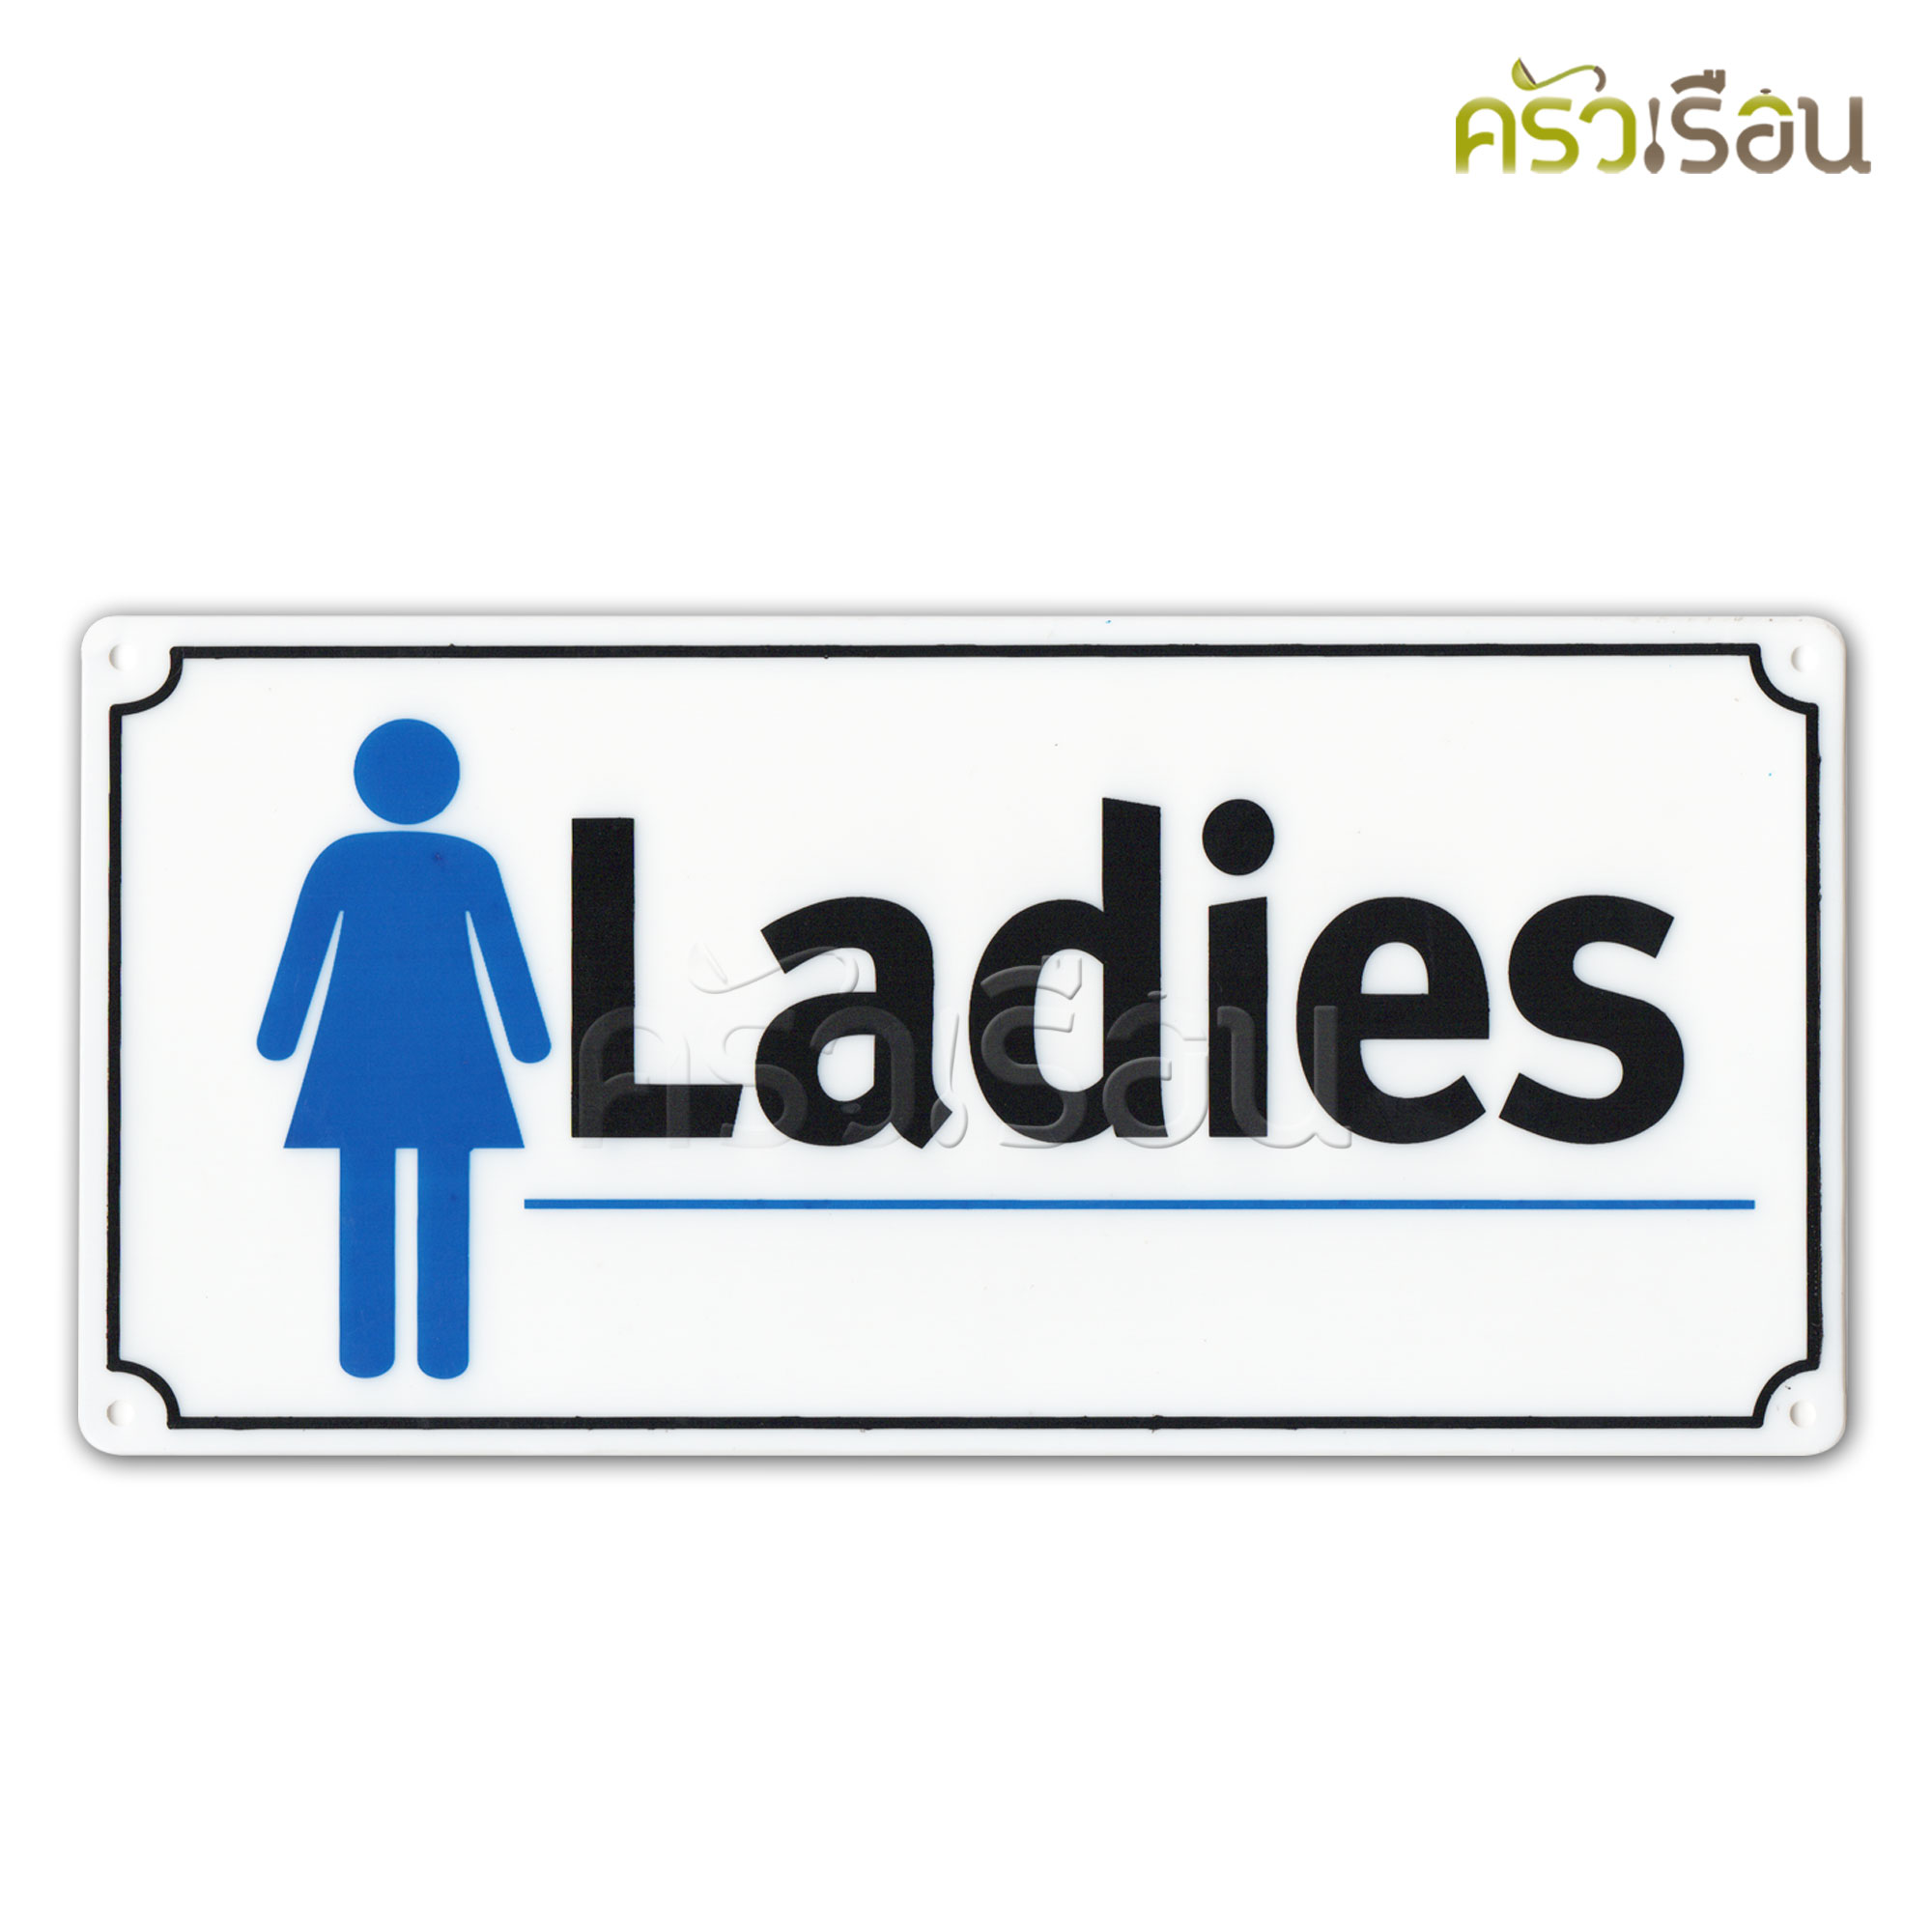 ป้าย - สัญลักษณ์ Ladies